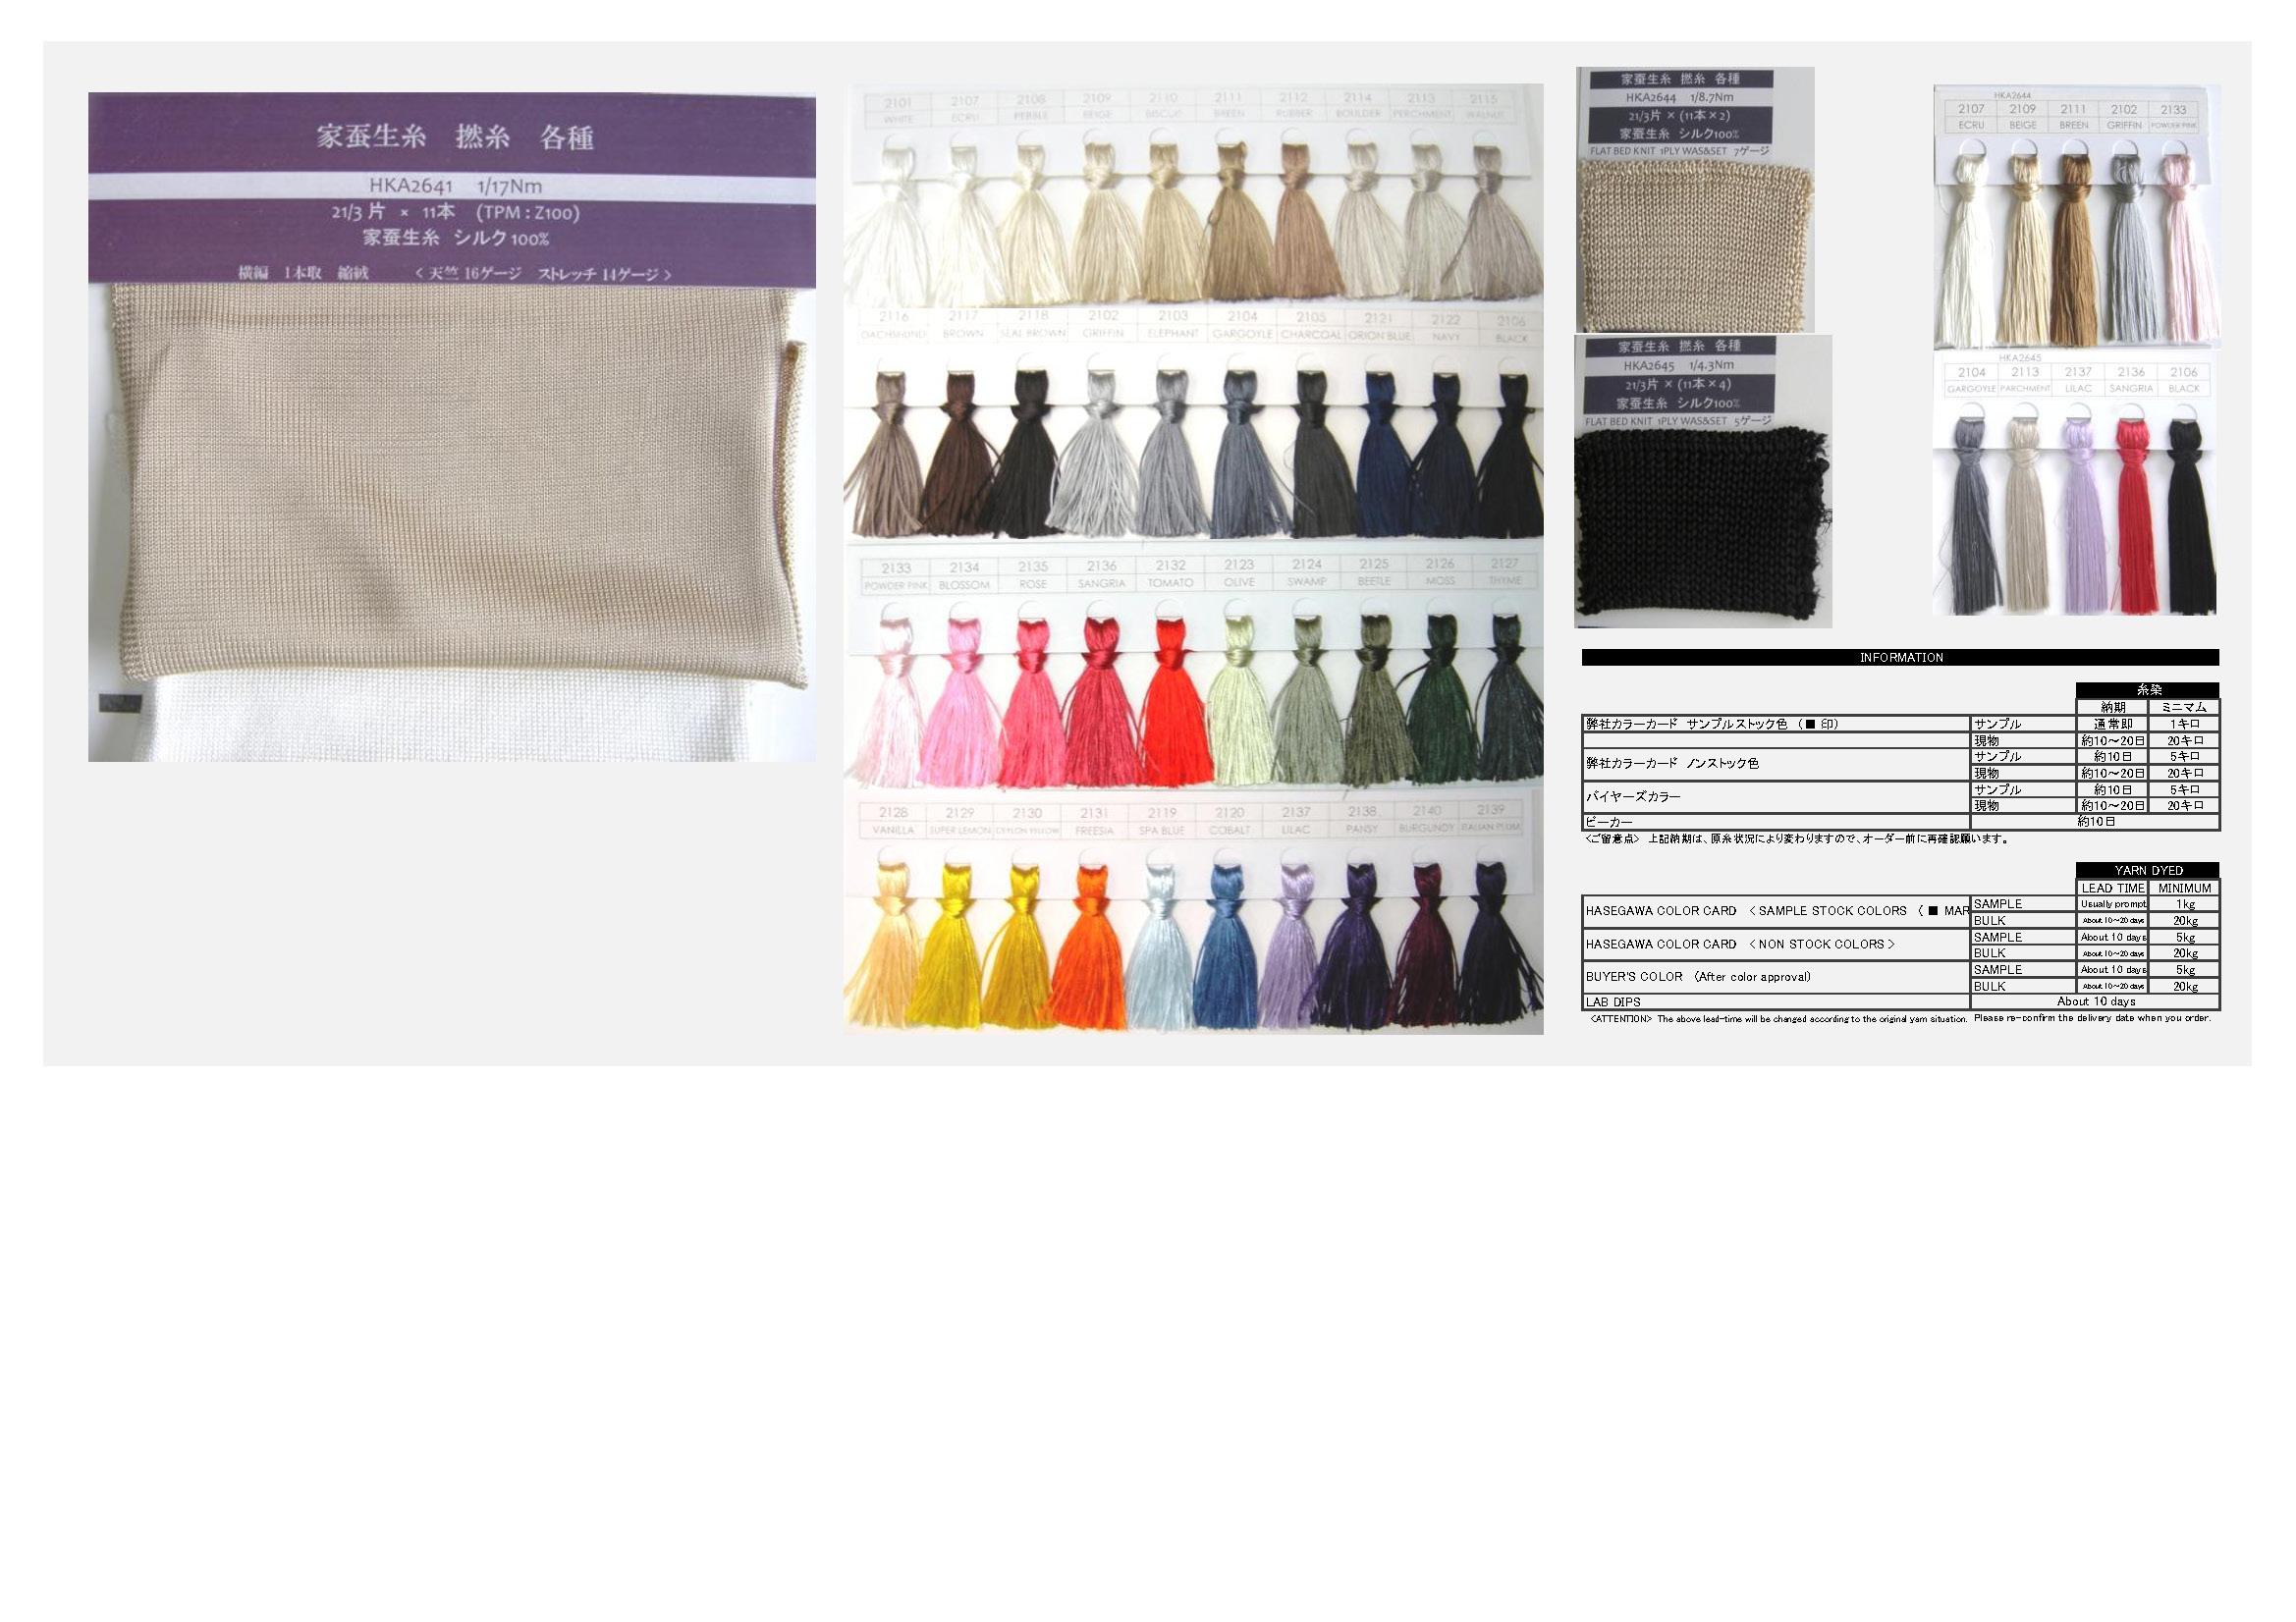 新商品のご案内 – 家蚕生糸 撚糸 HKA2641 –